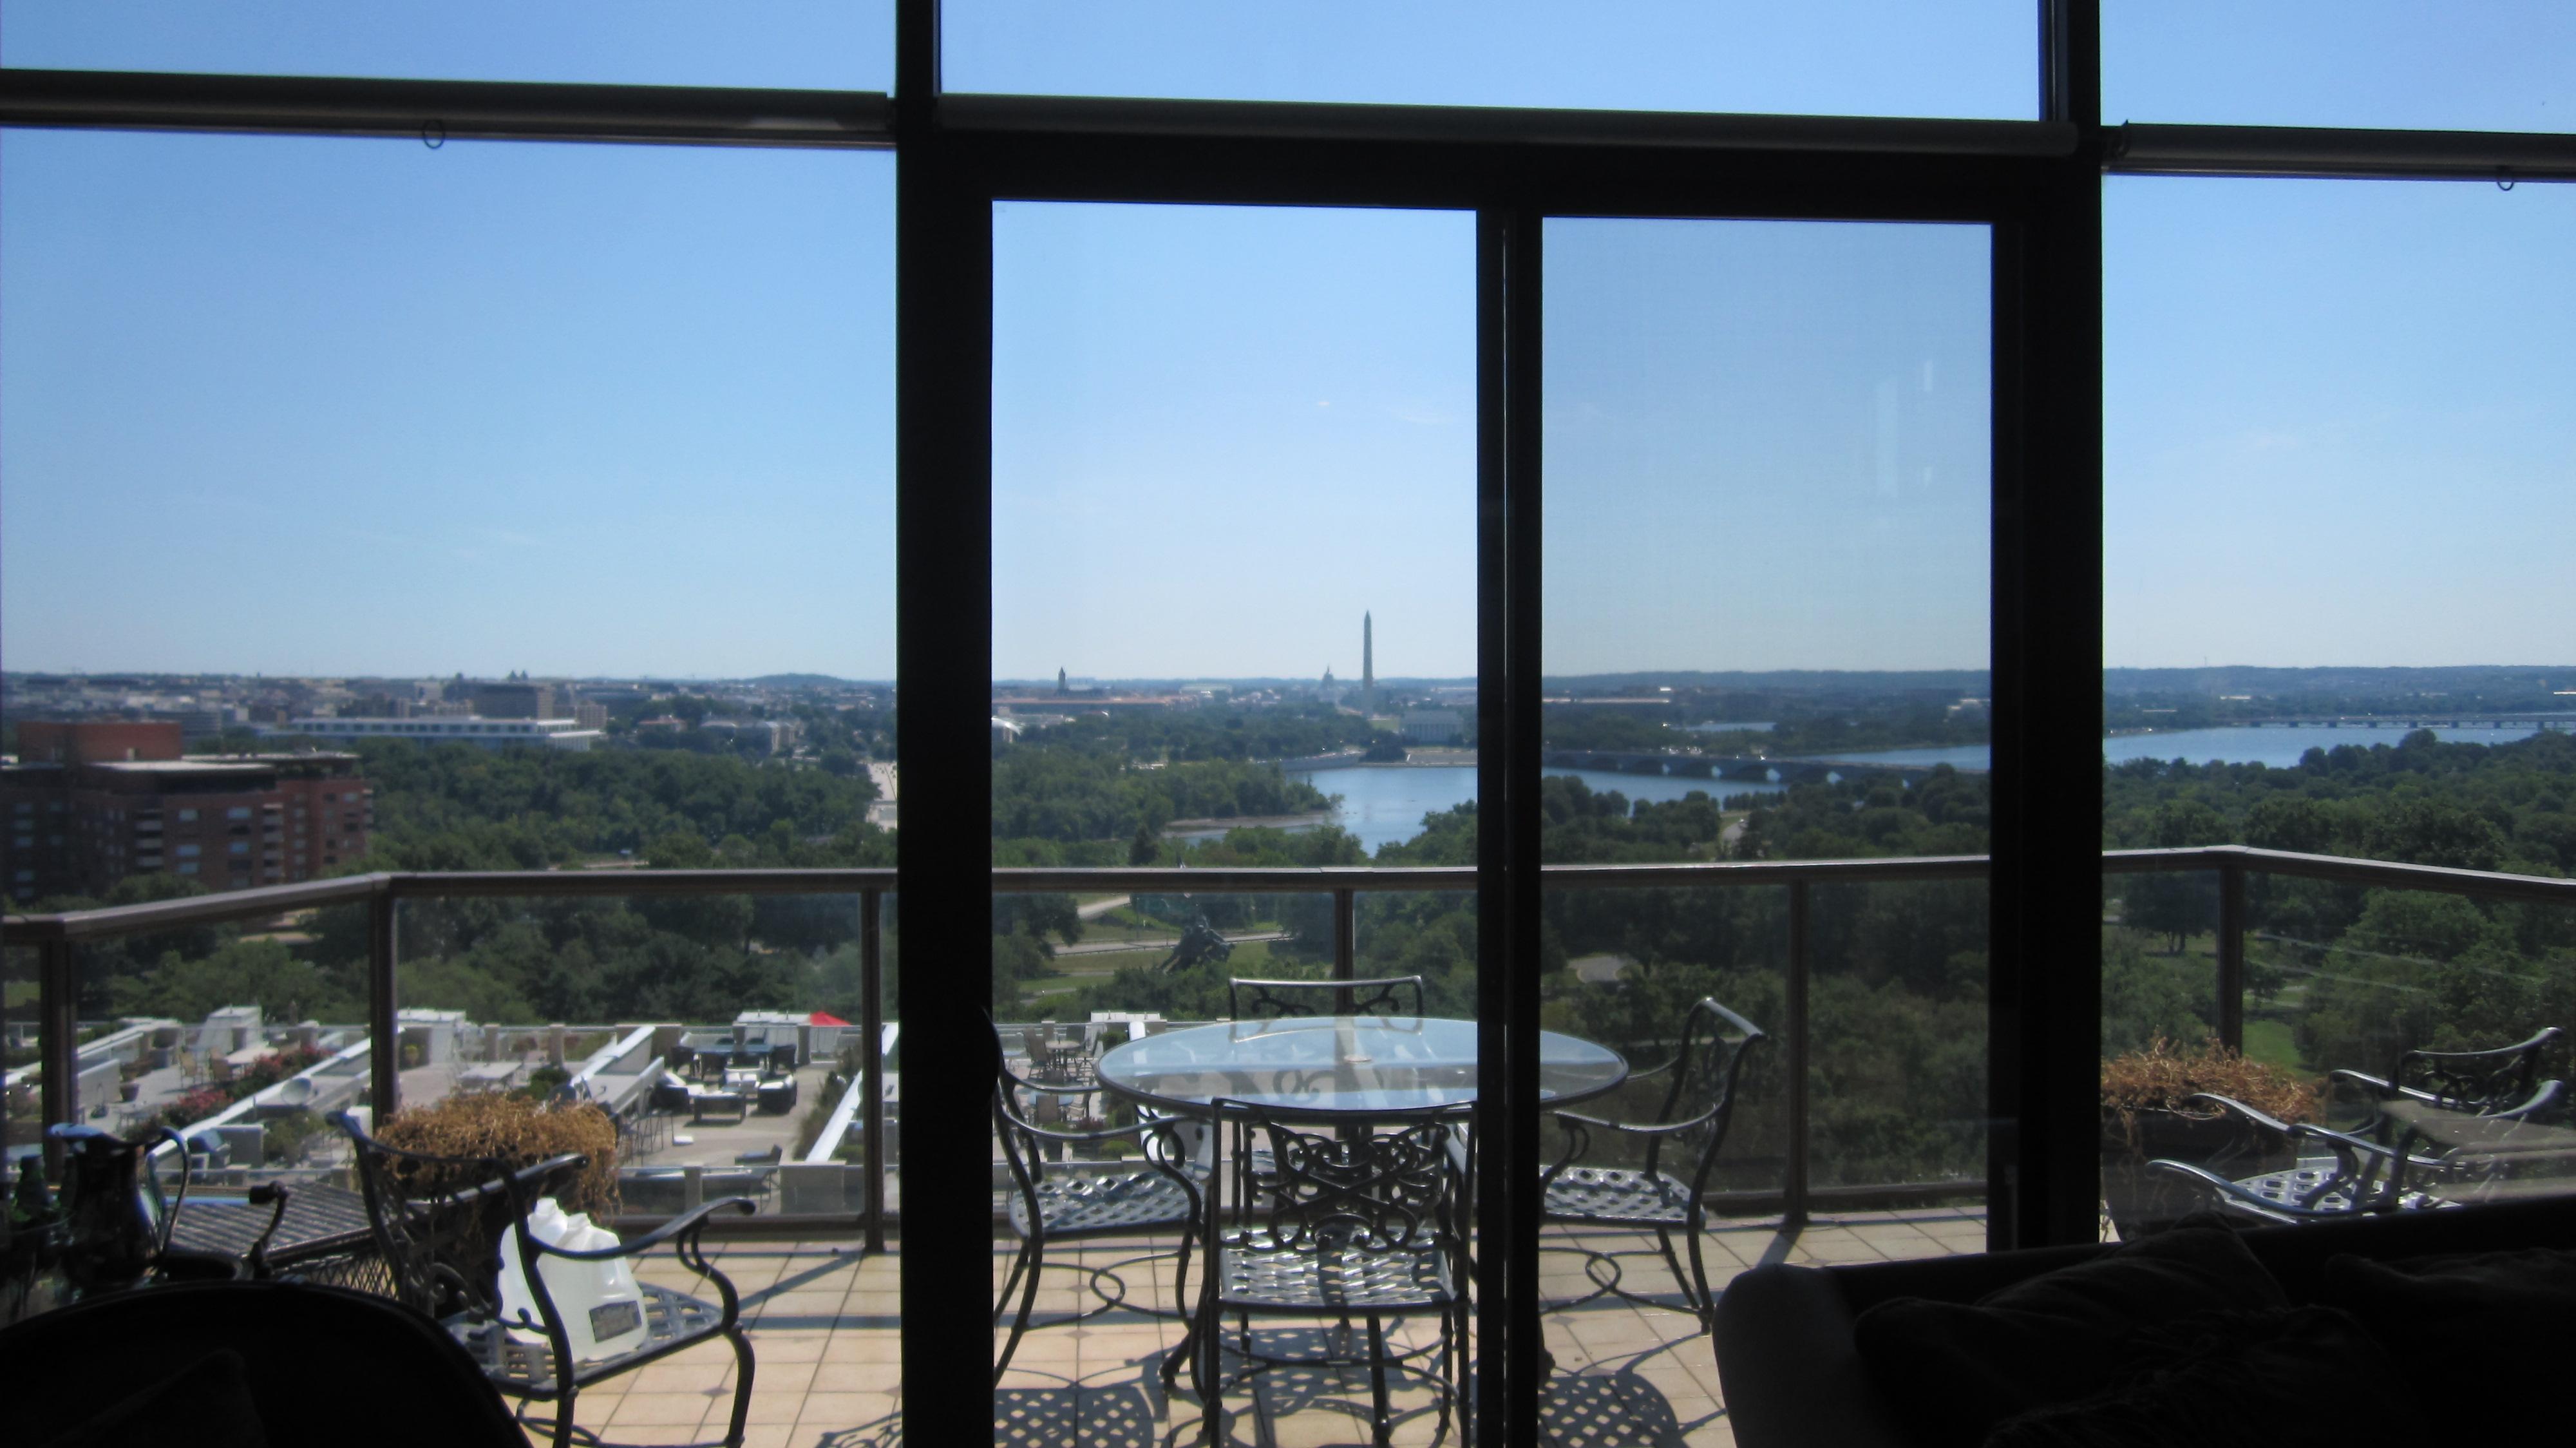 Home Window Tinting in Arlington VA – Installed Suntek DRDS 25